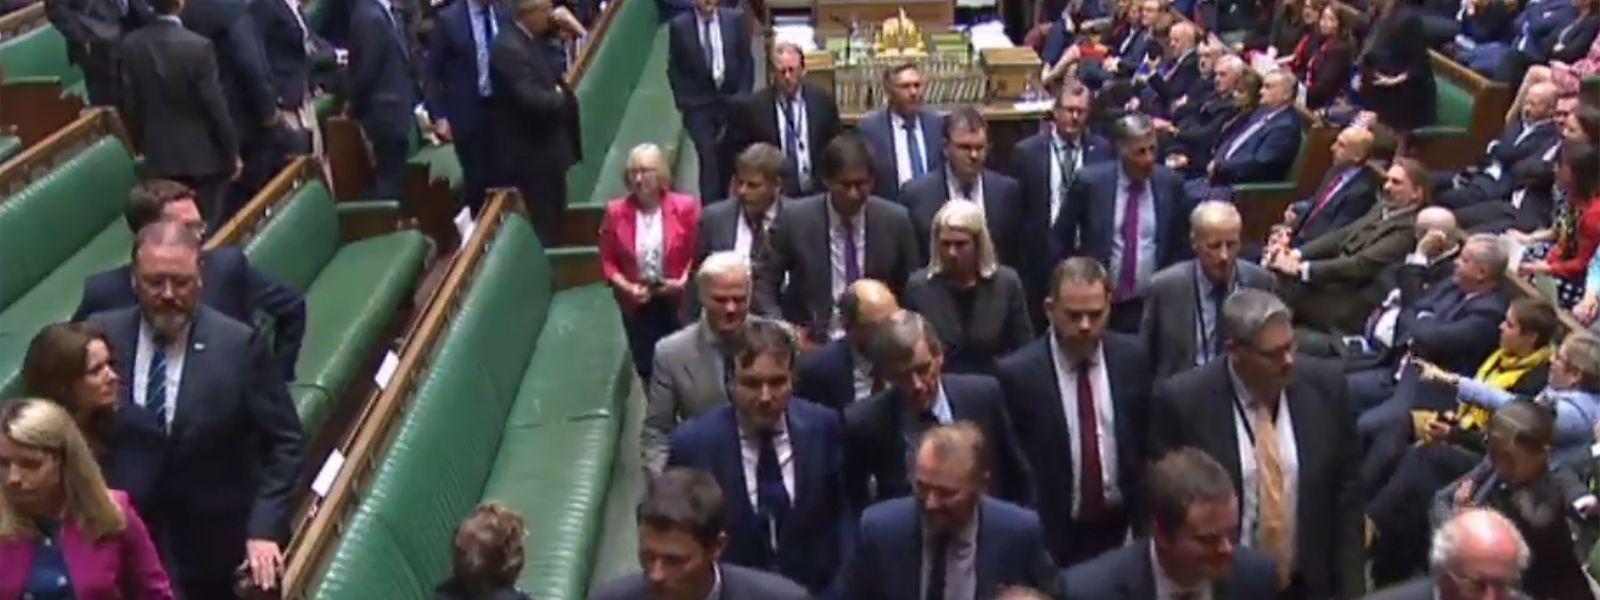 Ambiance électrique parmi les députés à l'heure de quitter la Chambre pour trois semaines.